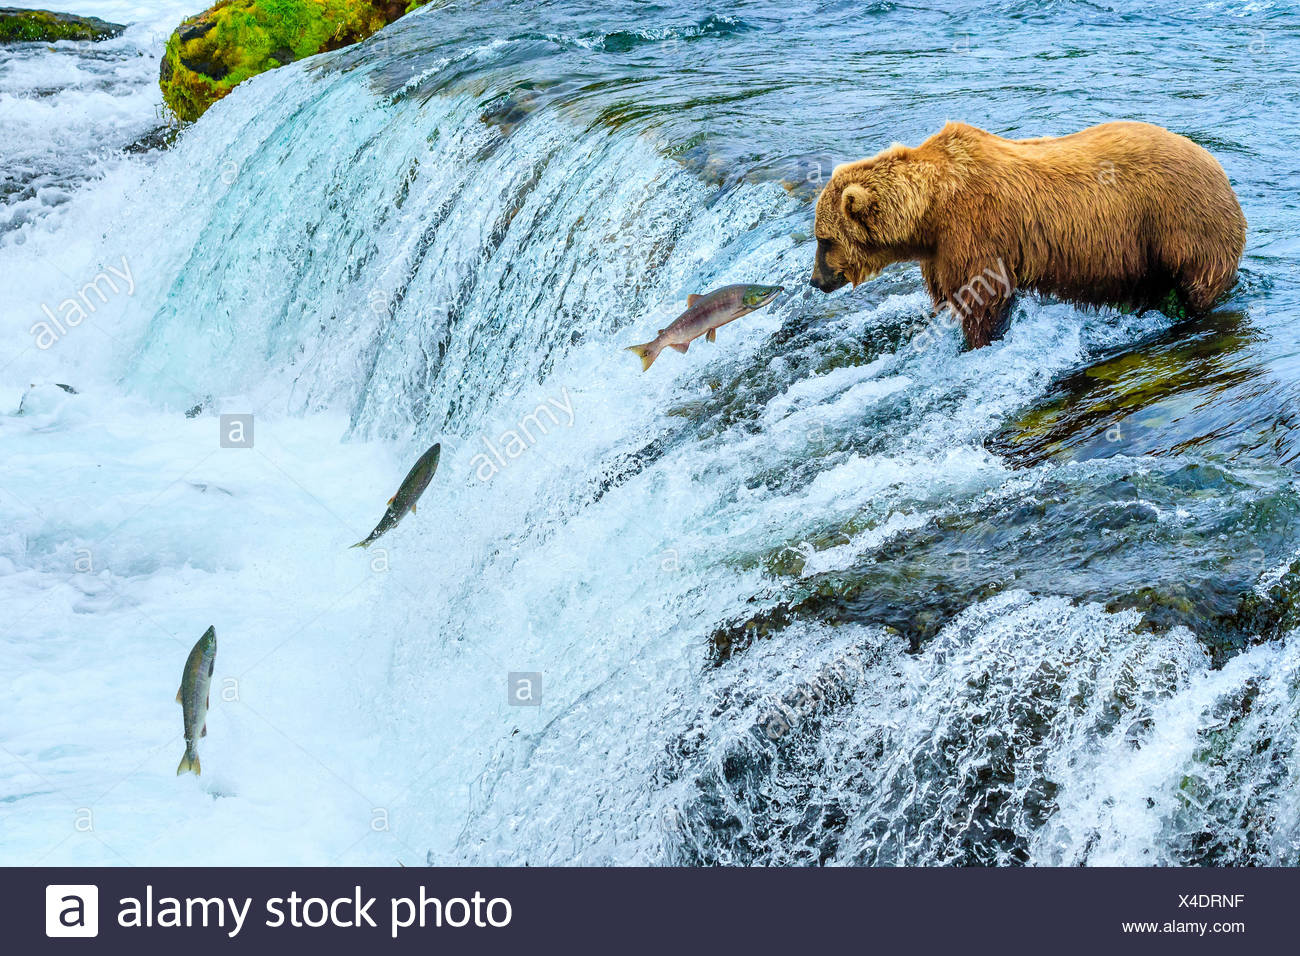 Braunbär, Ursus arctos, Angeln für sockeye Lachse an den Bächen fällt. Stockfoto